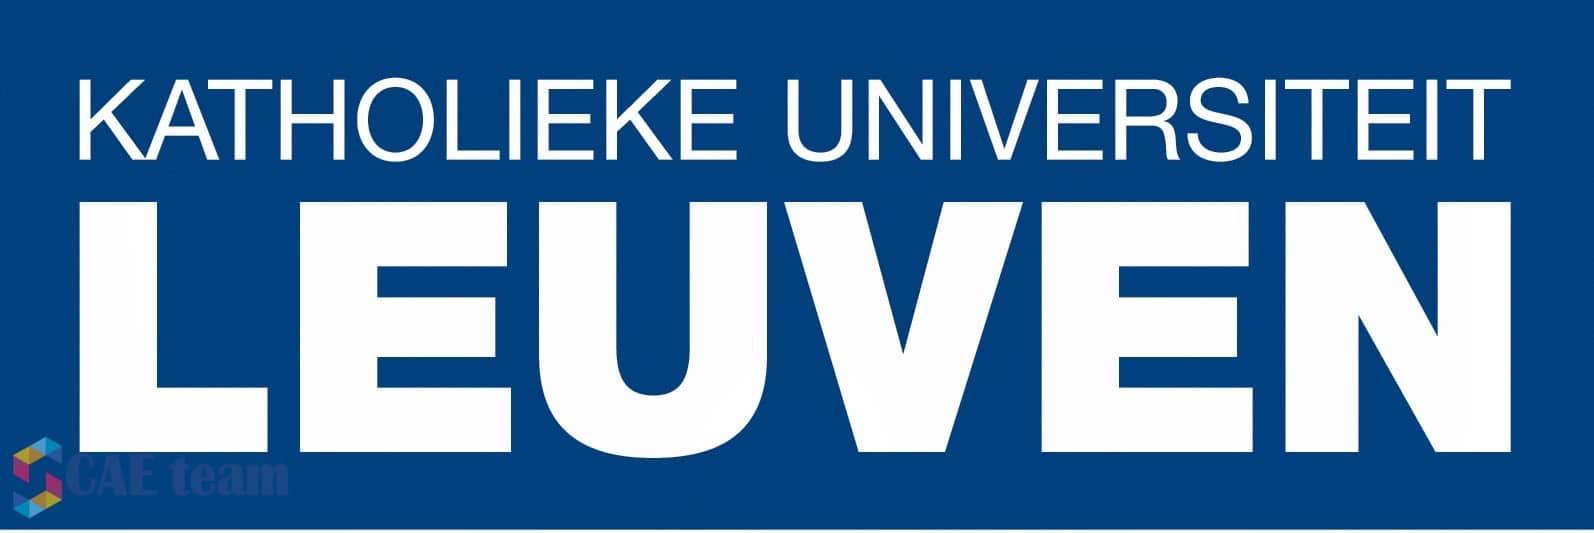 صورة احصل على بكالوريوس من جامعة Katholieke Leuven  بألمانيا